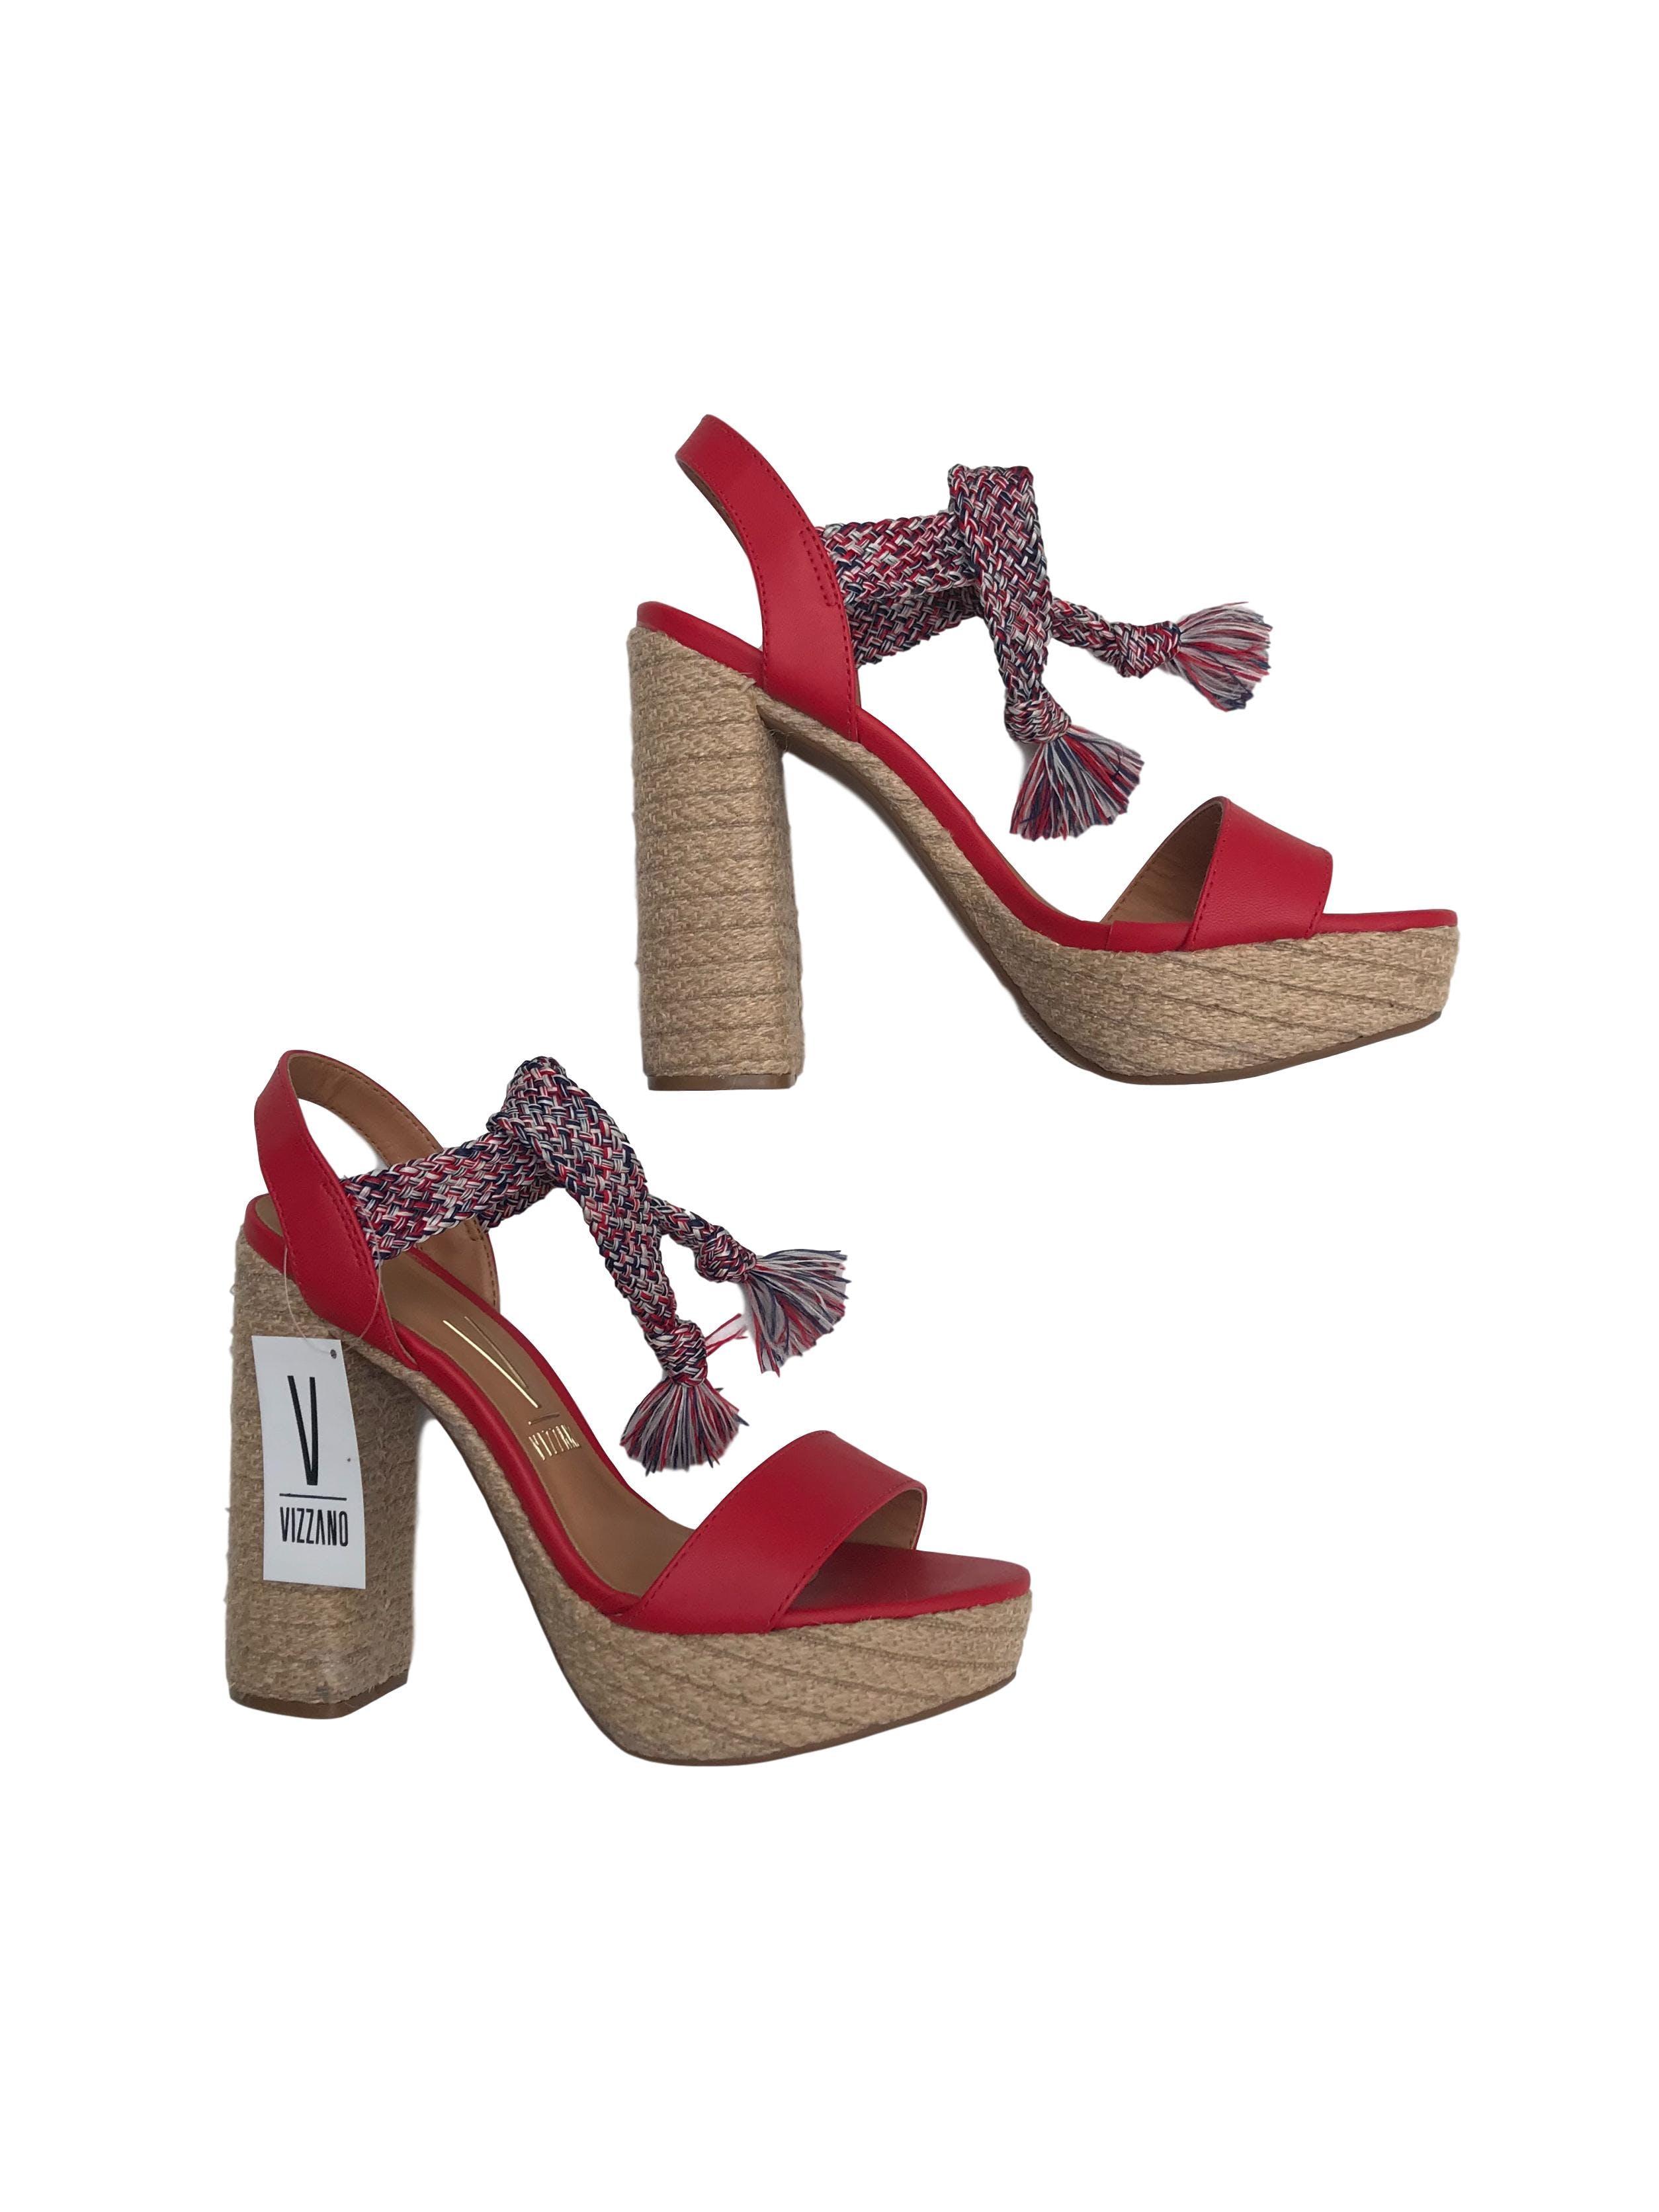 Saldalias Vizzano de cuerina roja con tira trenzada al tobillo, taco grueso 12cm plataforma 3cm. Nuevos con etiqueta. Precio original S/ 149